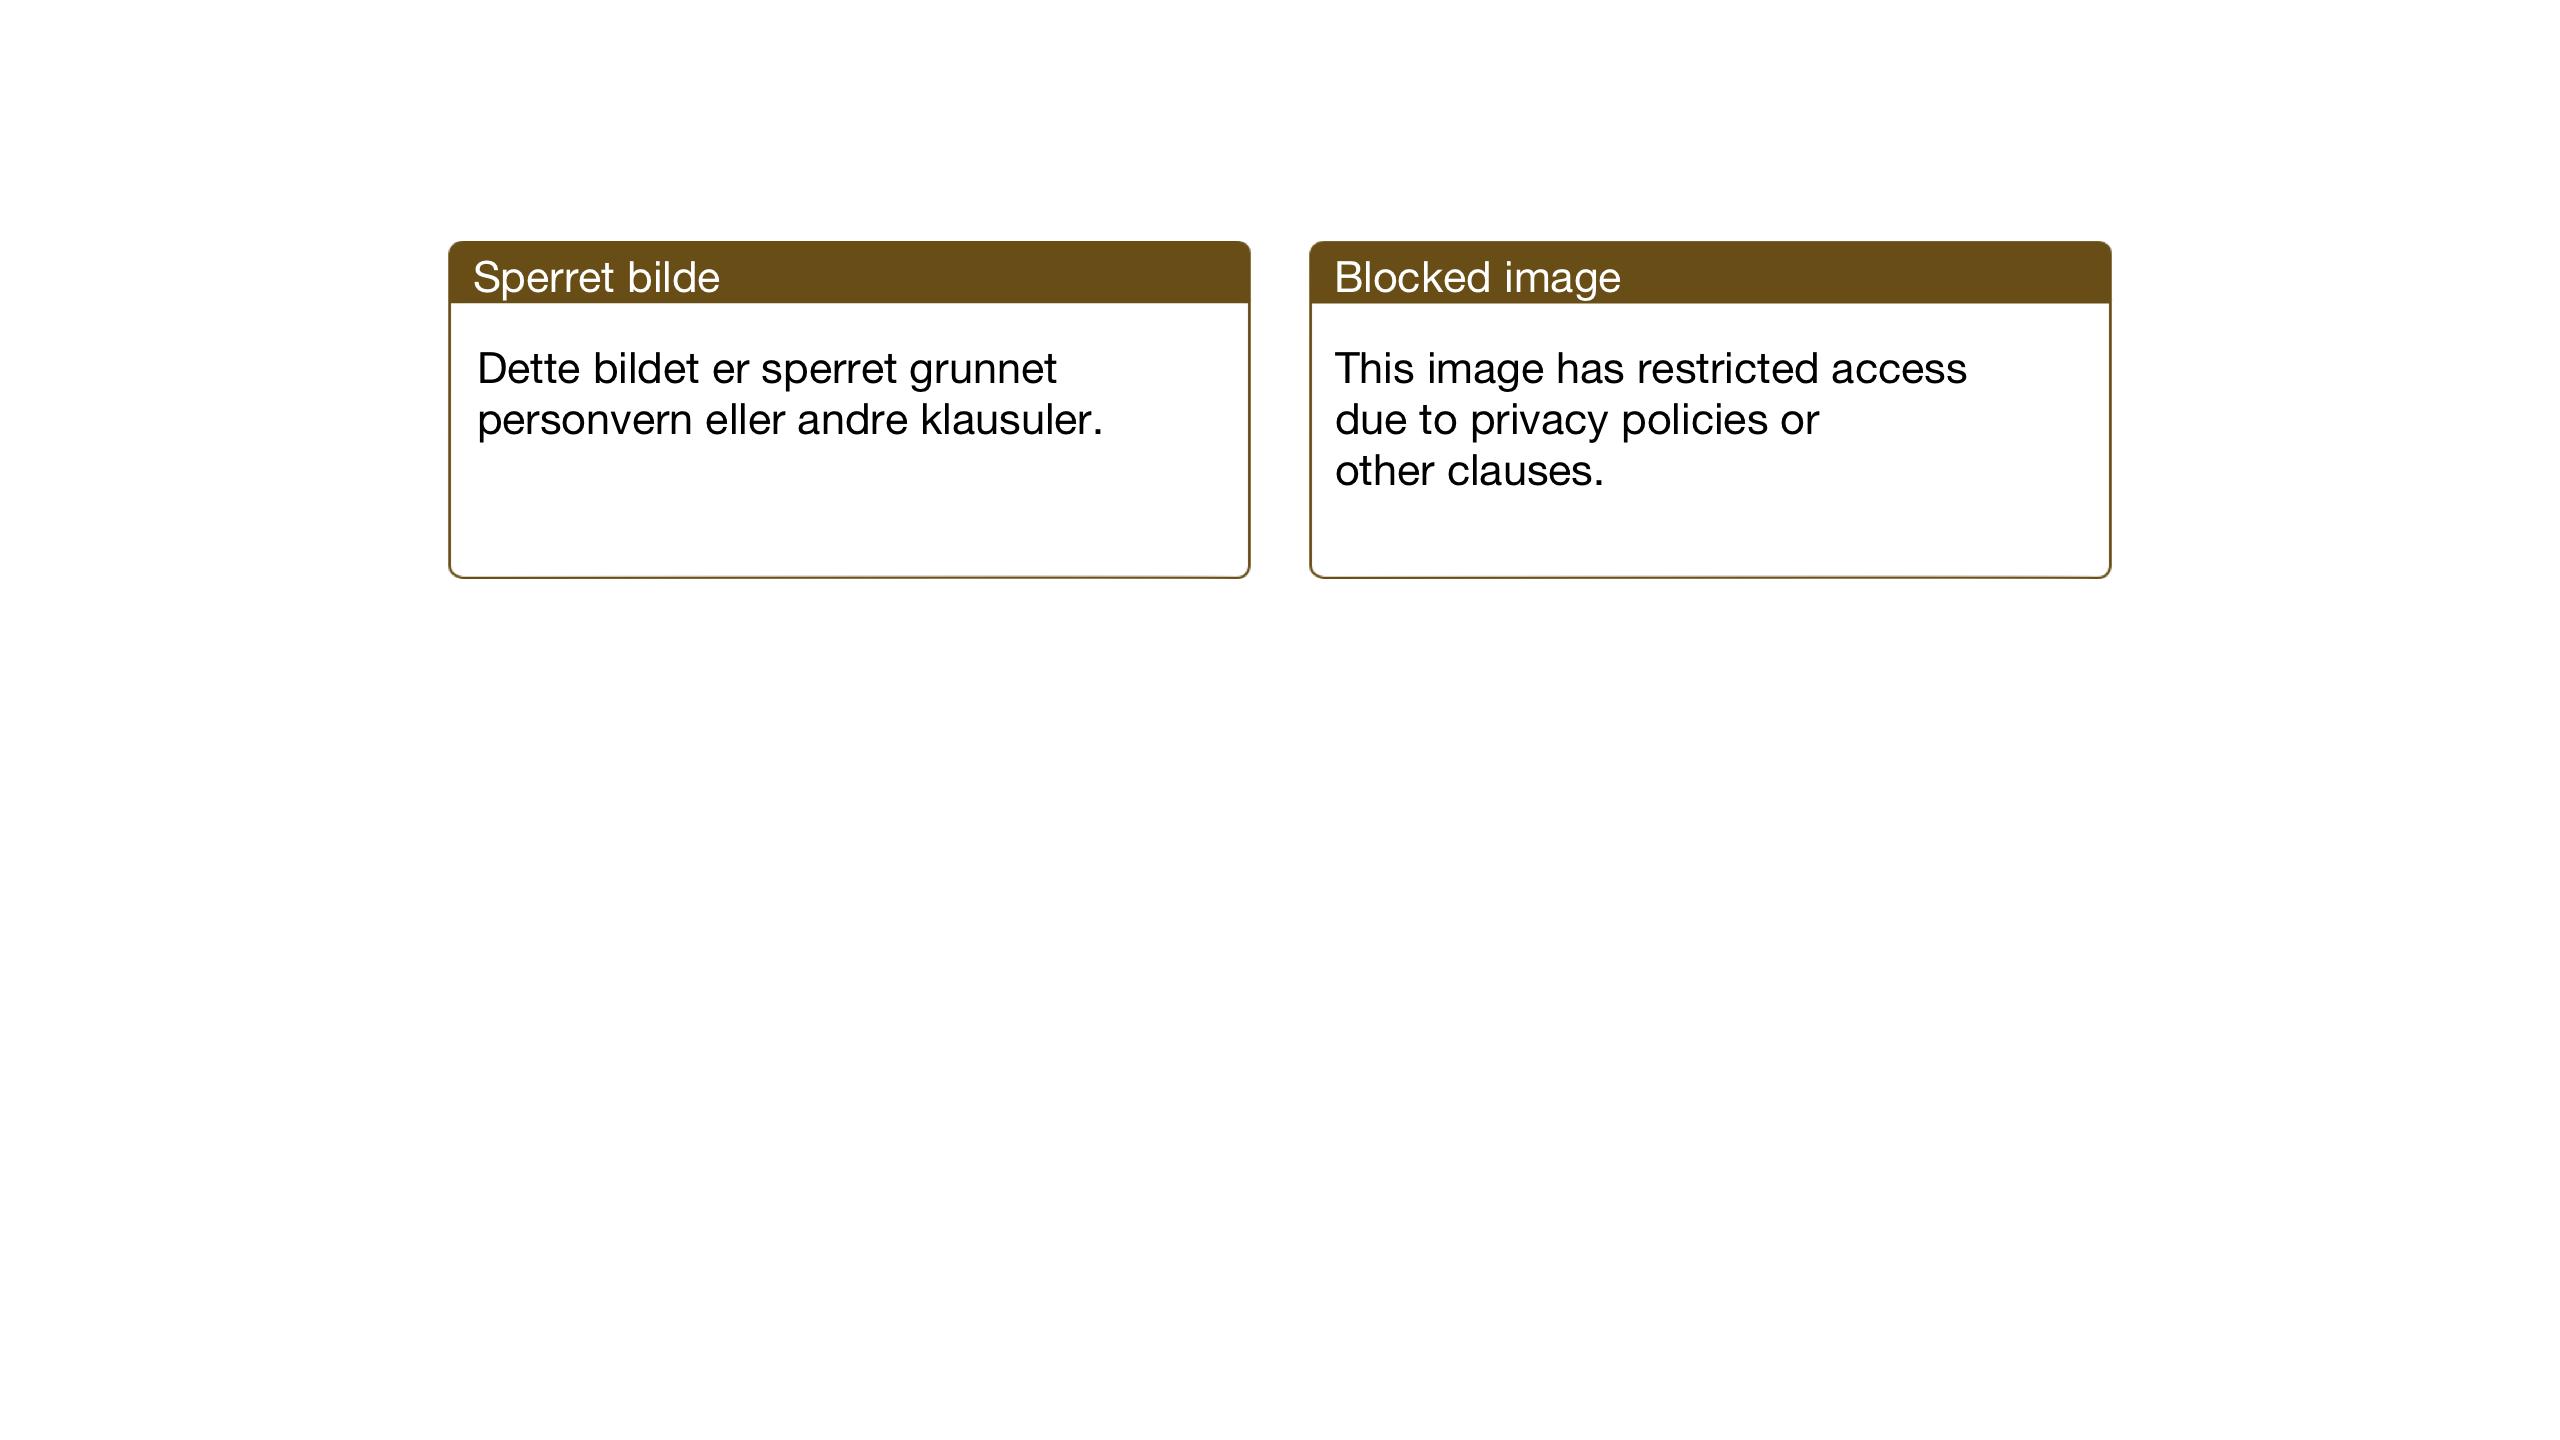 SAT, Ministerialprotokoller, klokkerbøker og fødselsregistre - Nord-Trøndelag, 784/L0678: Ministerialbok nr. 784A13, 1921-1938, s. 172